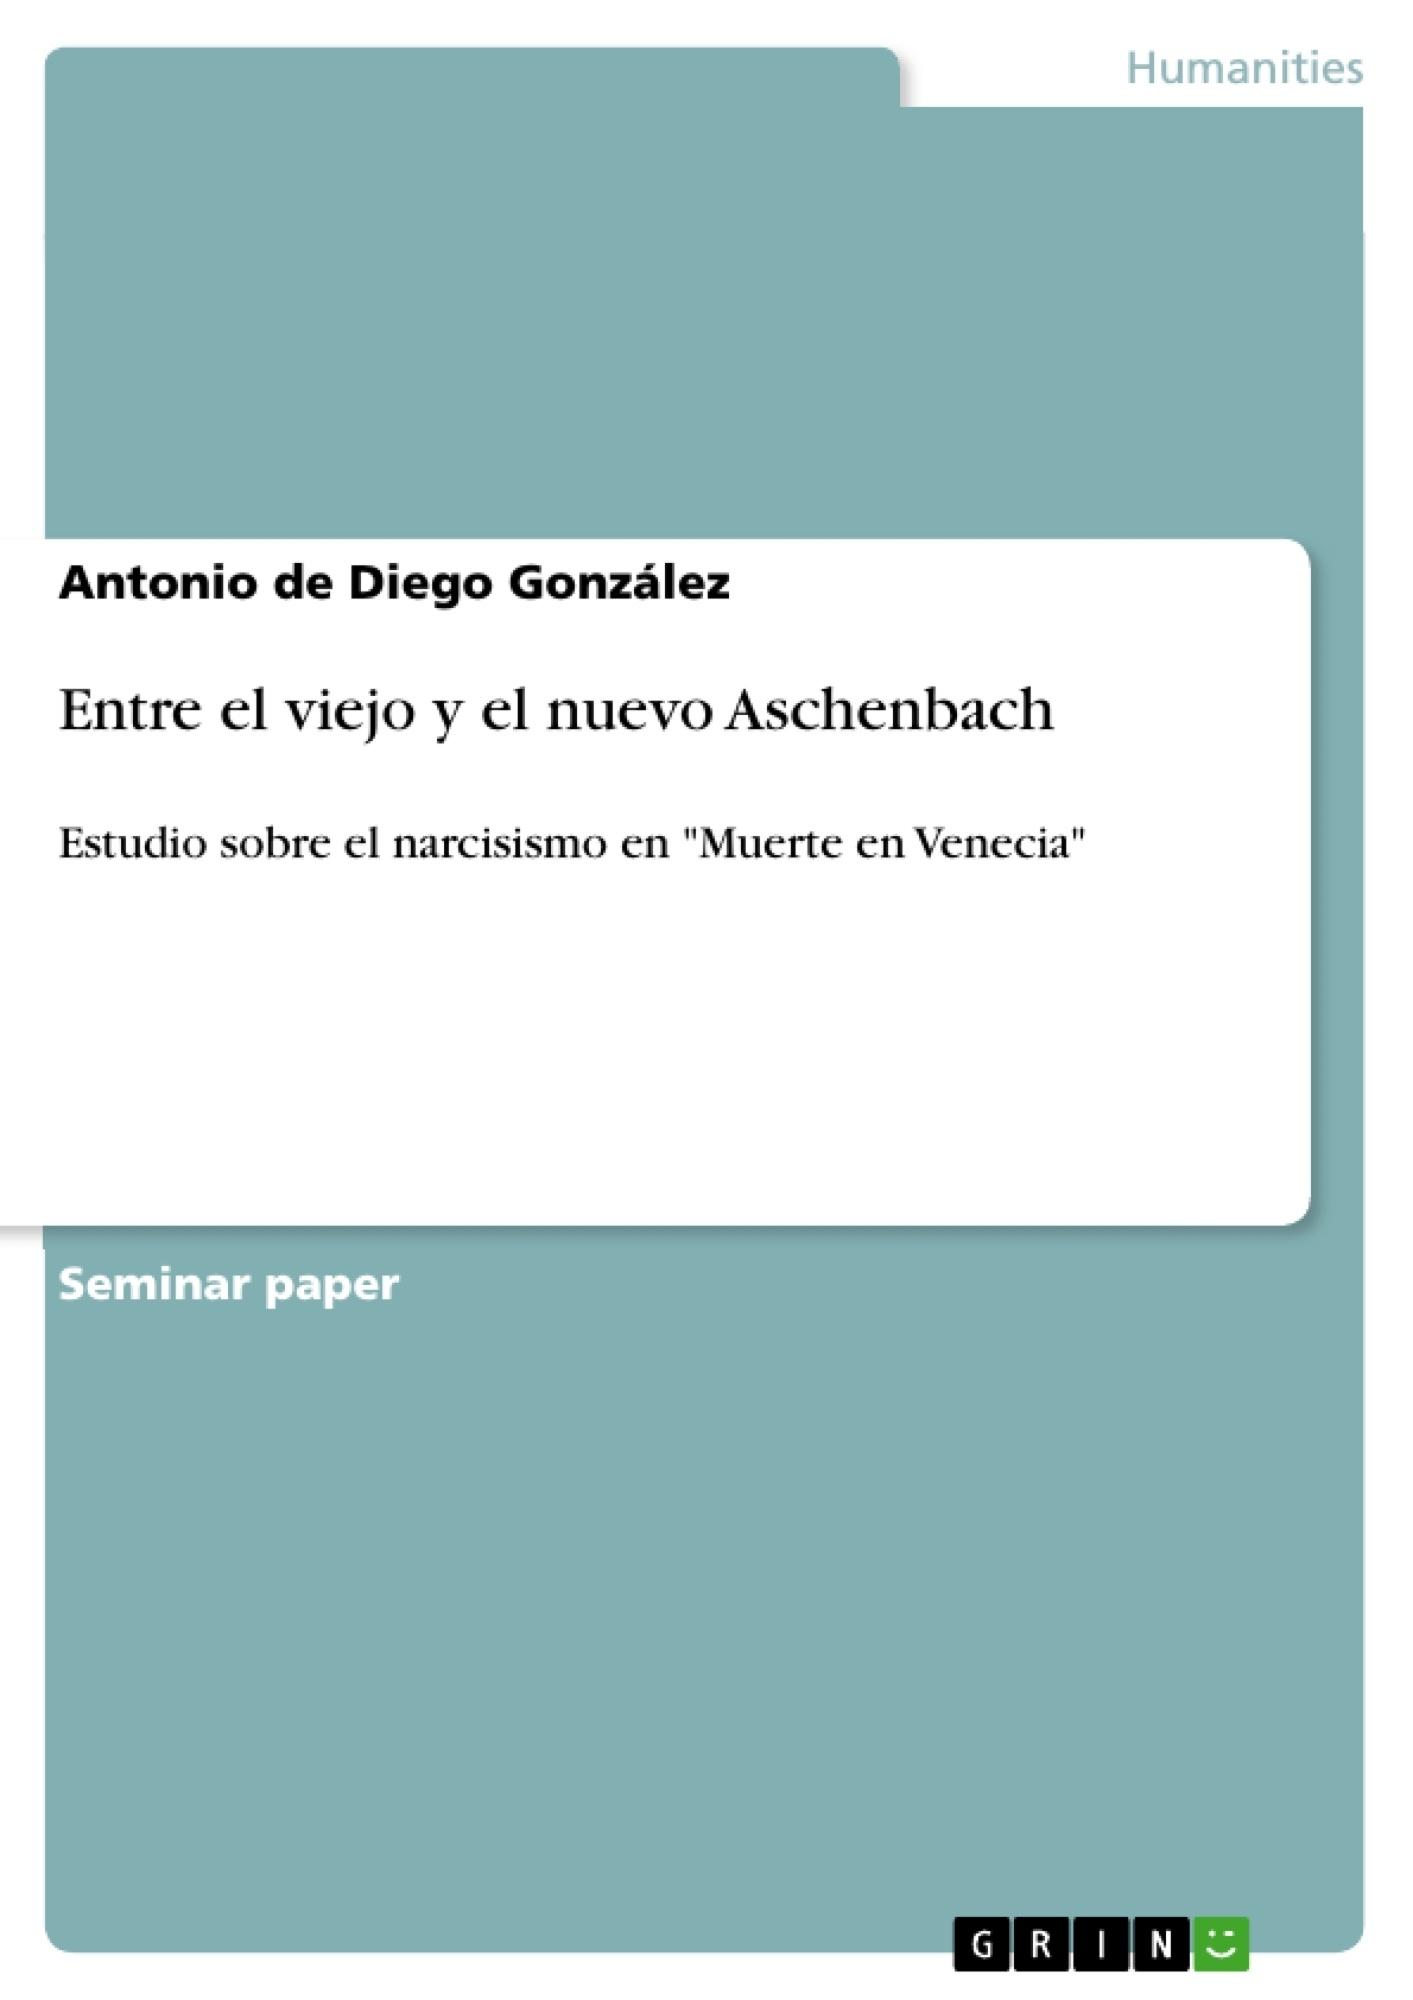 Título: Entre el viejo y el nuevo Aschenbach